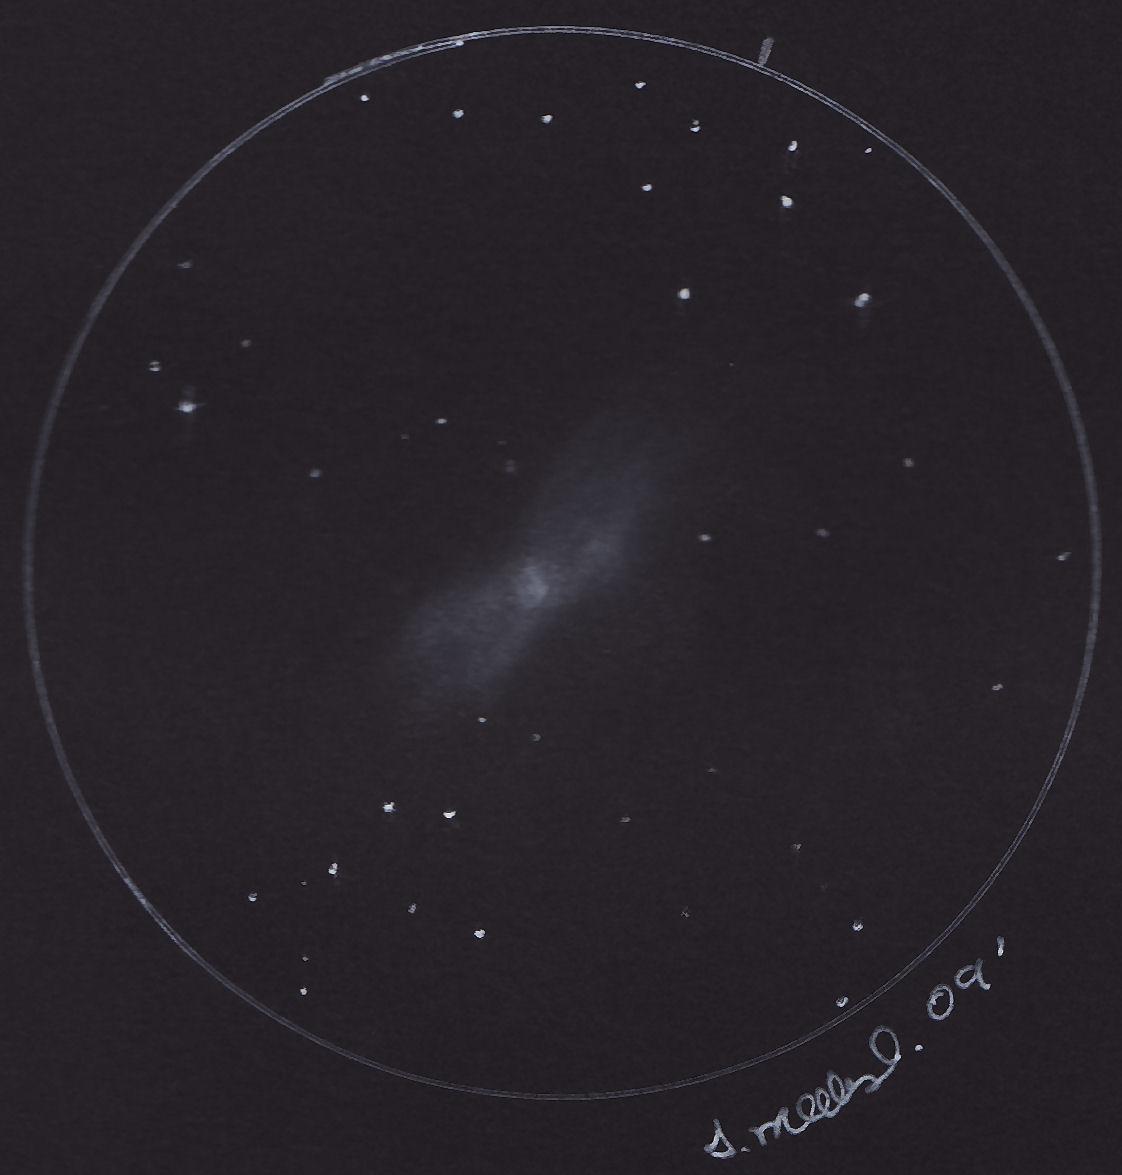 nebula sketch - photo #4